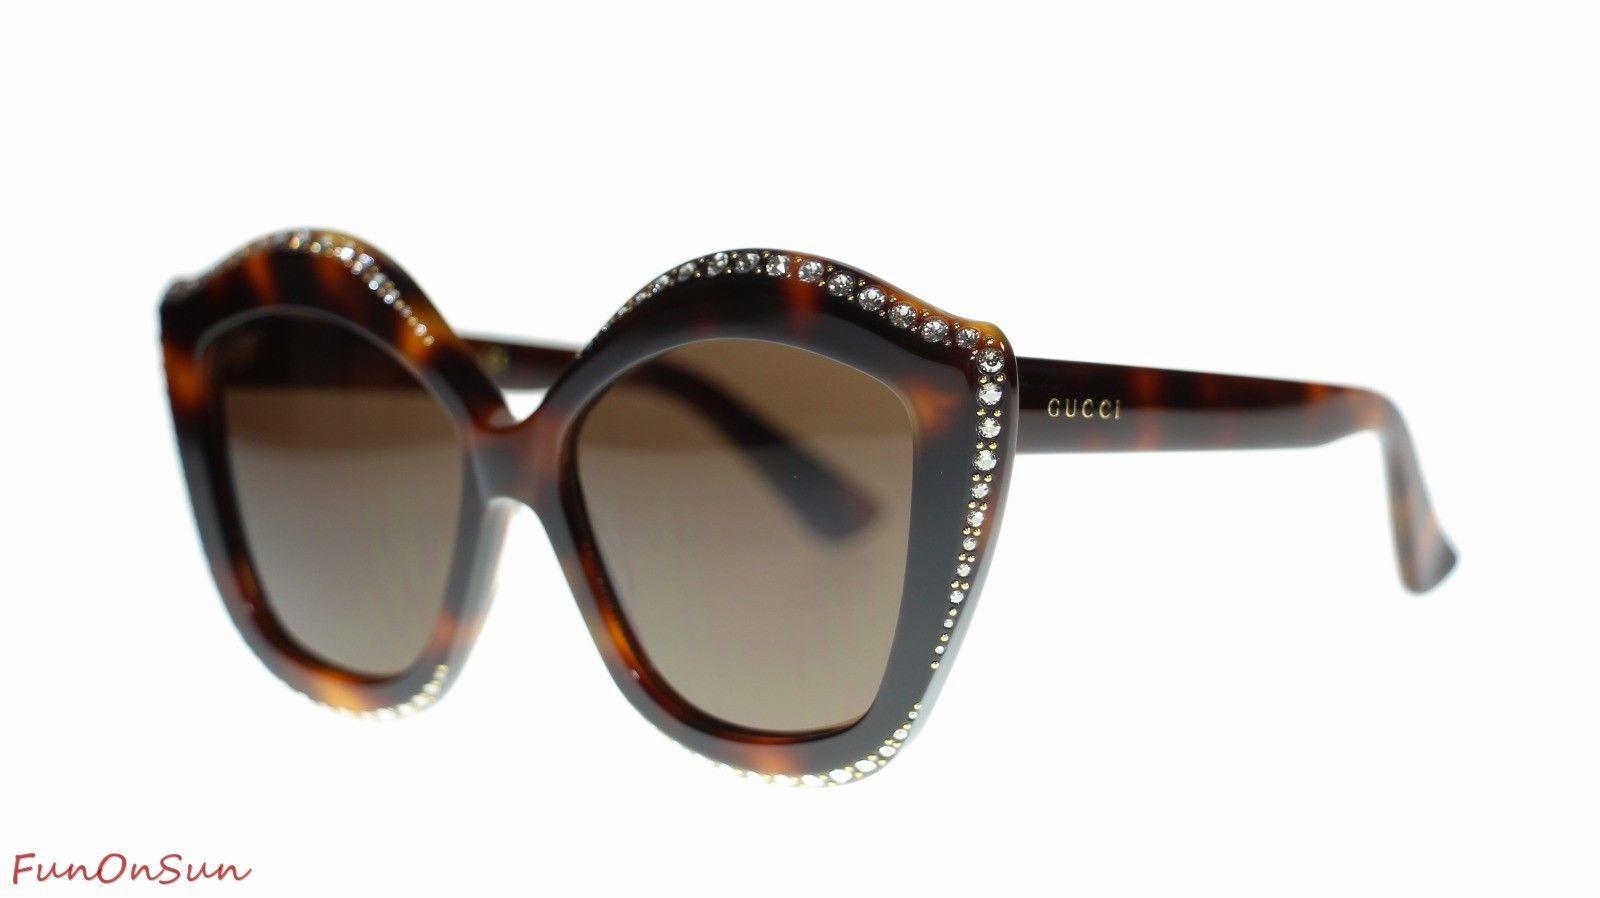 64773c4c09 10. 10. Previous. Gucci Women Designer Sunglasses GG0118S 003 Havana Brown  Lens 53mm Authentic